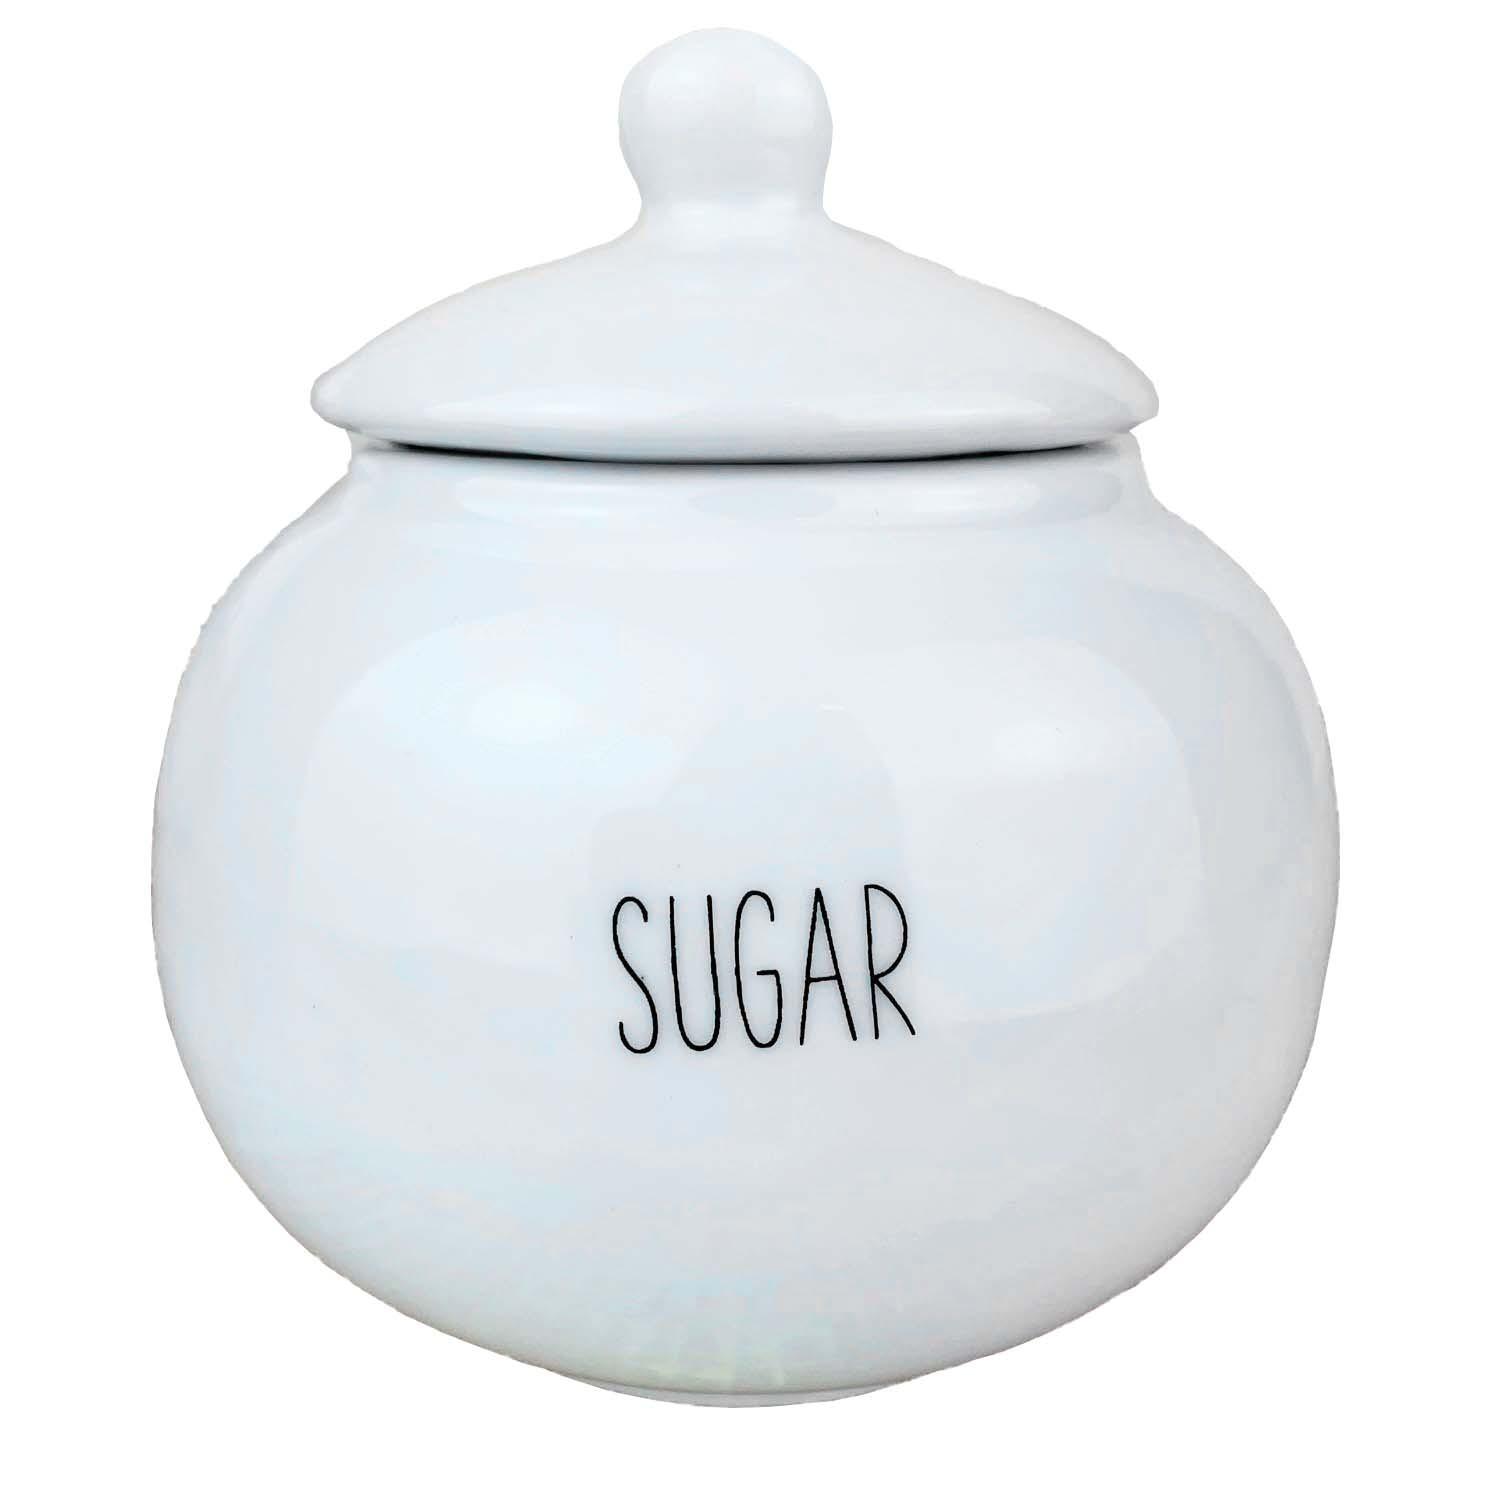 Açucareiro Ball Sugar 250g, em porcelana, coleção exclusiva Lettering